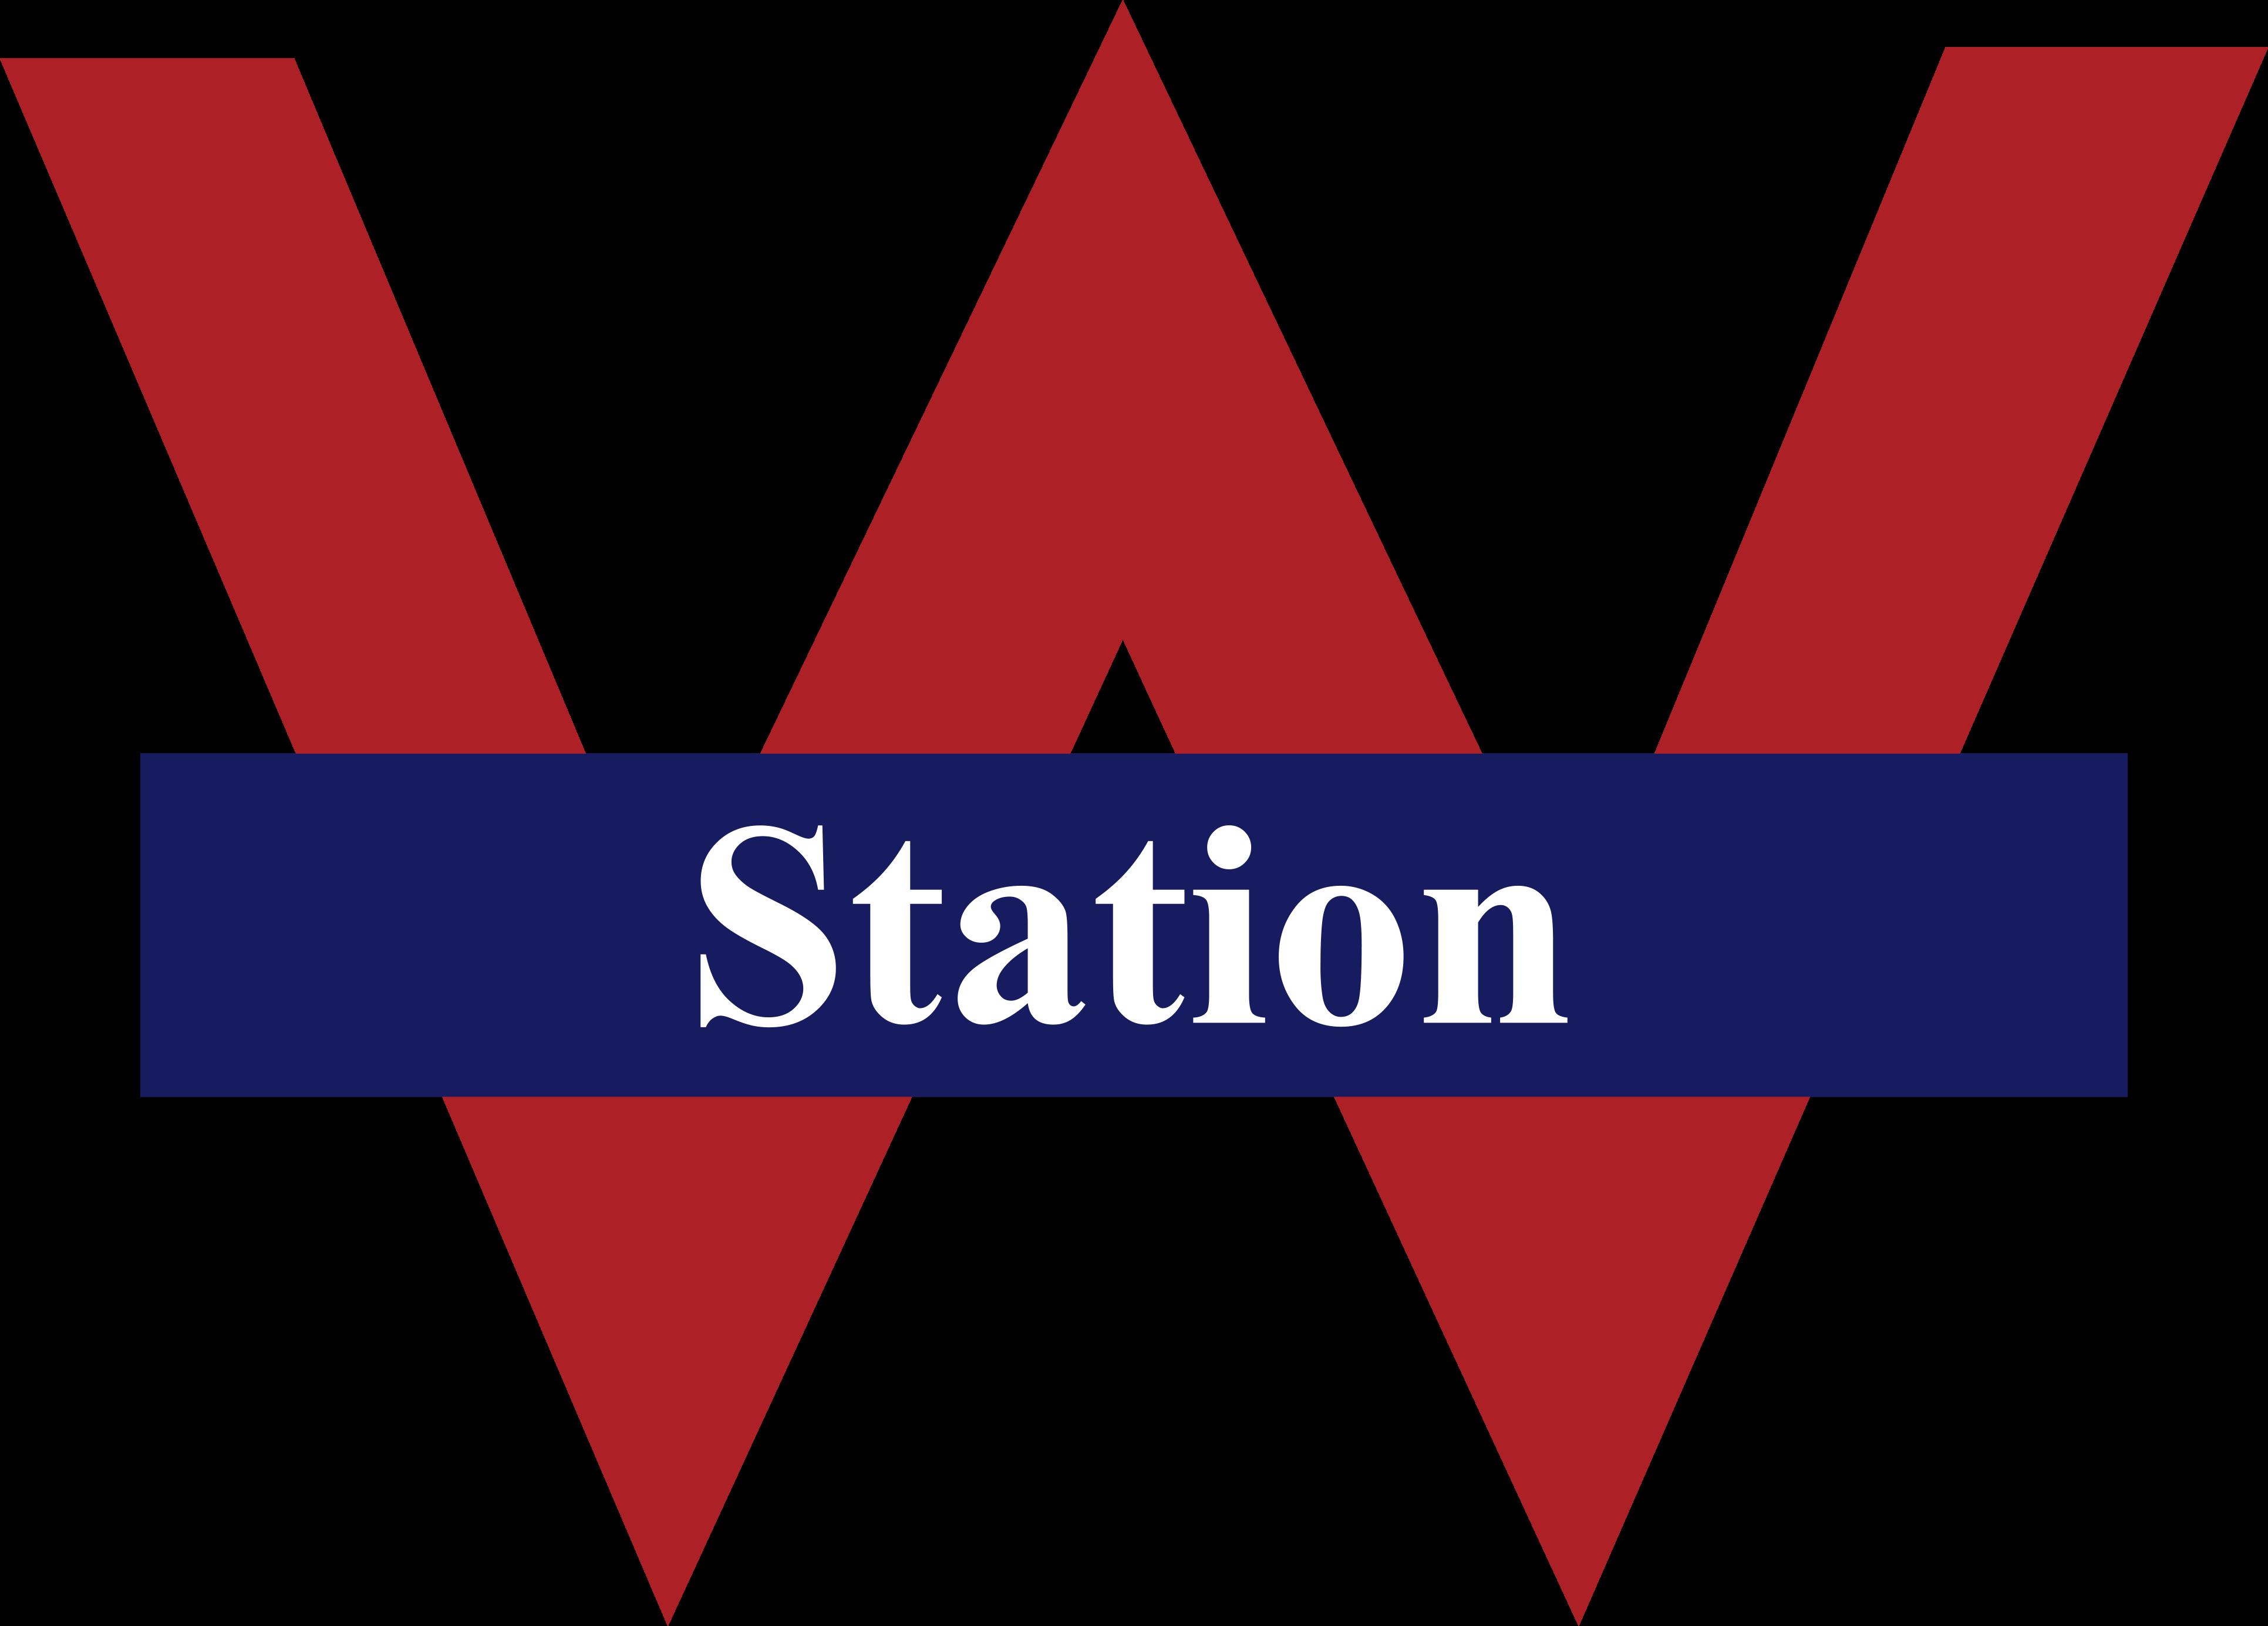 W Station magazine